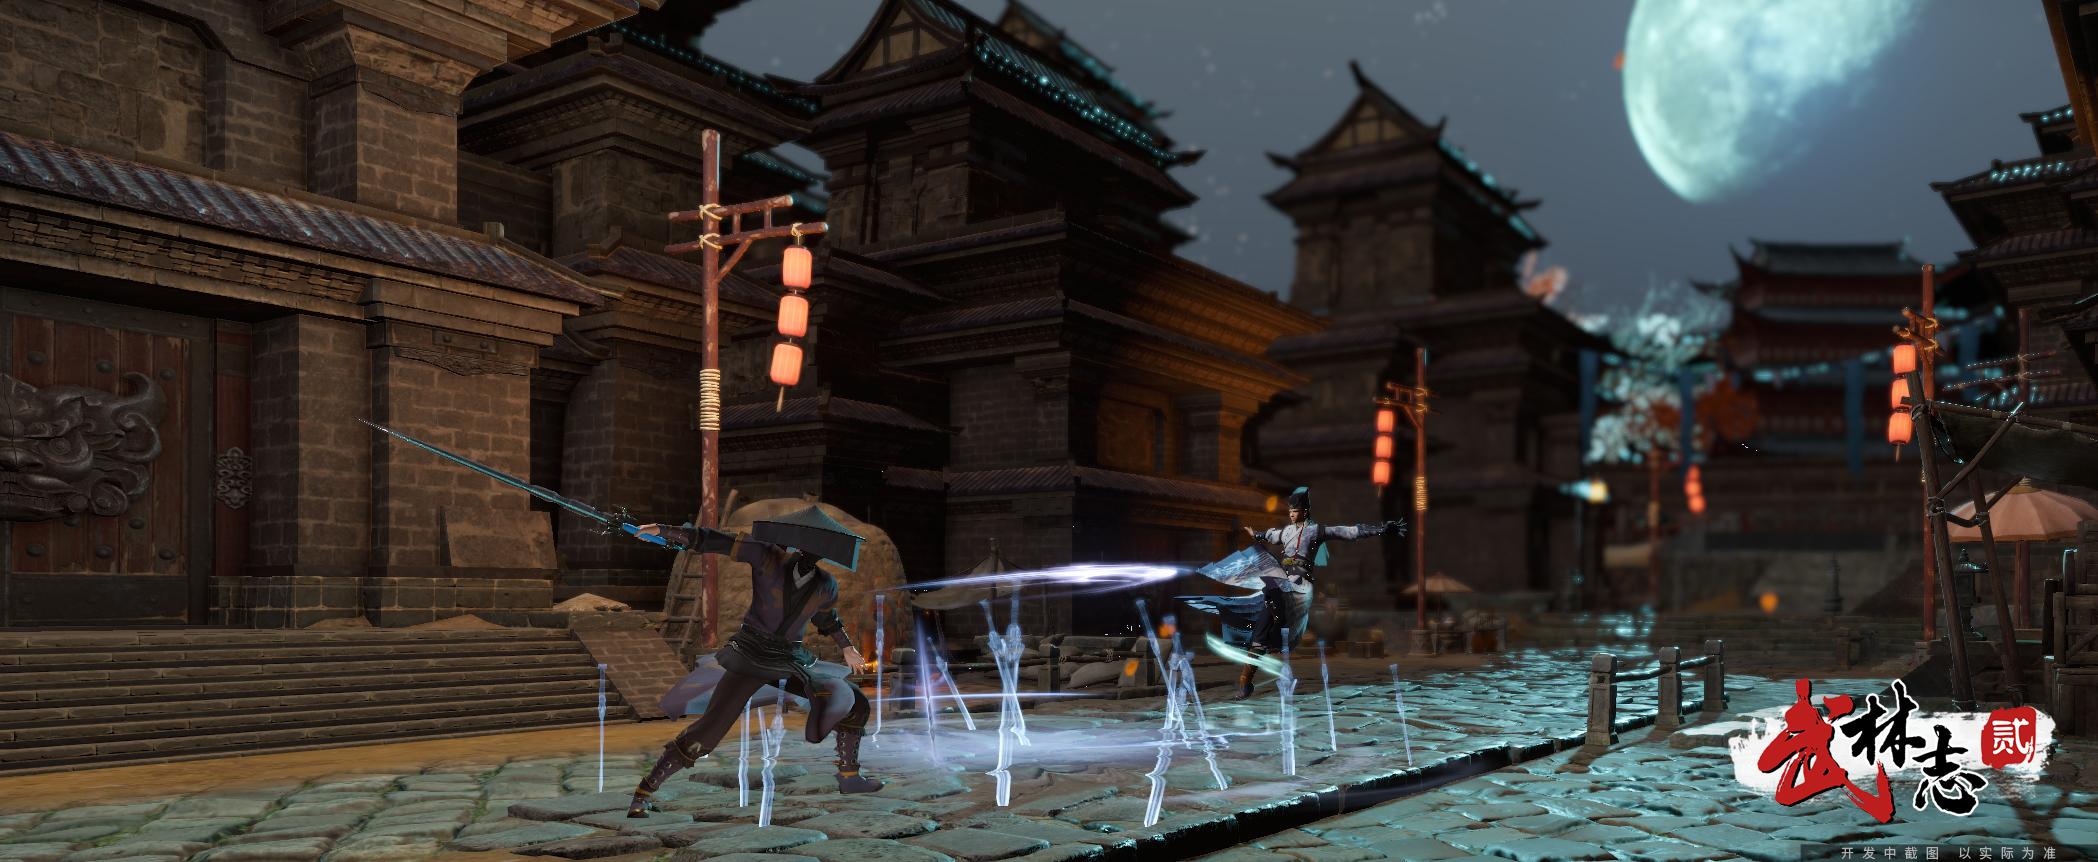 独立游戏《武林志2》Steam新品节讲中国故事,全球5万玩家体验国风武侠